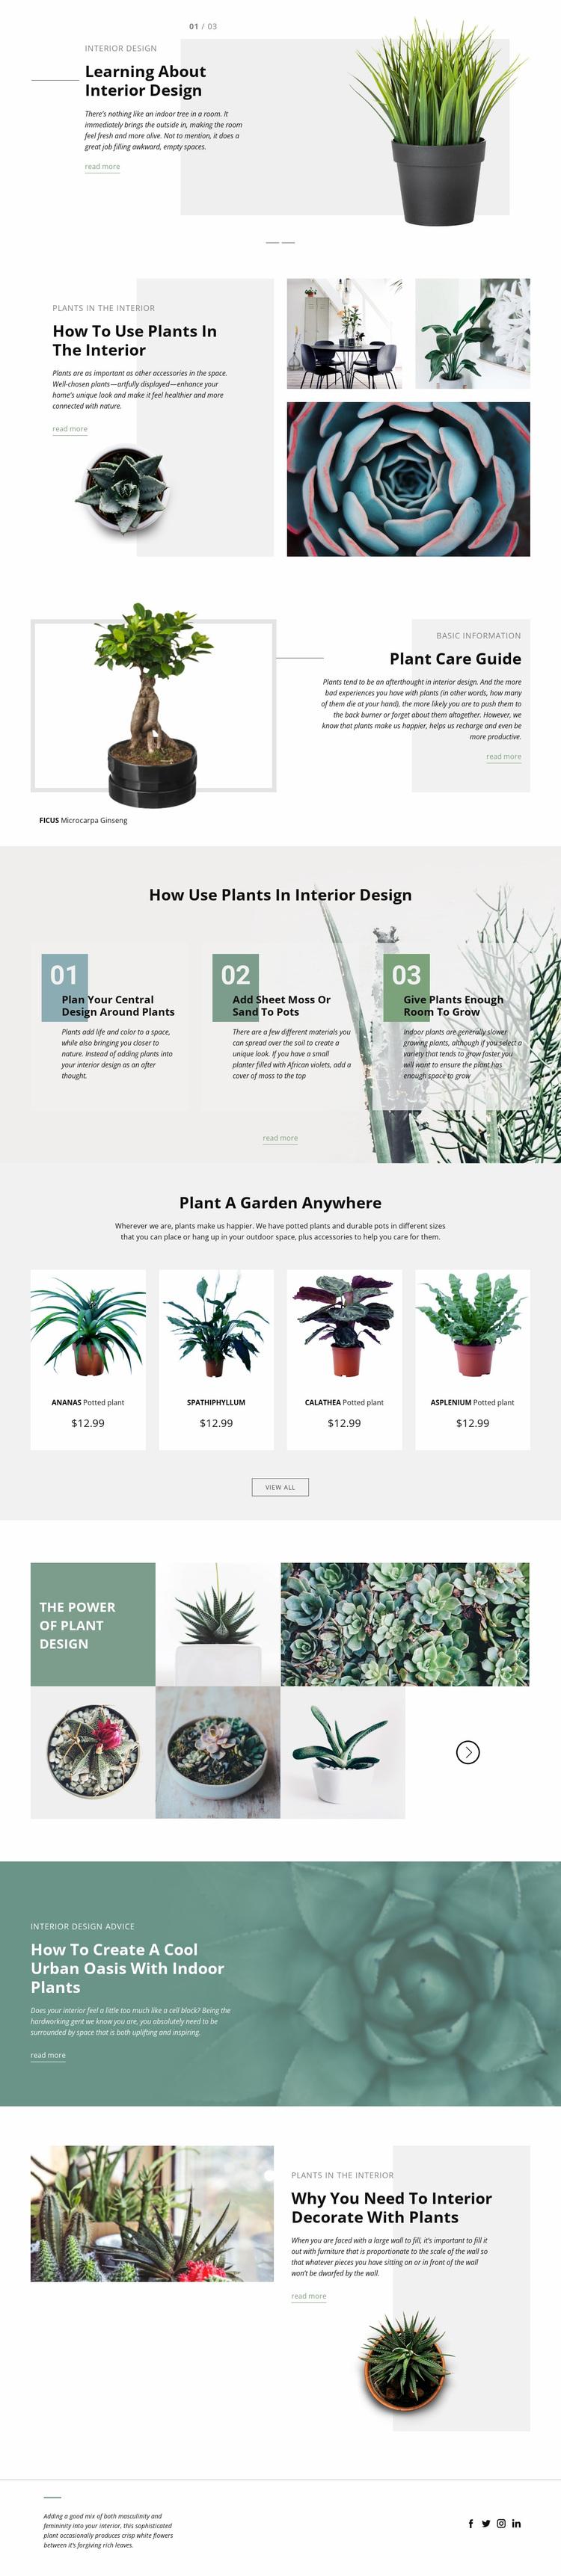 Interior Design Studio Website Design